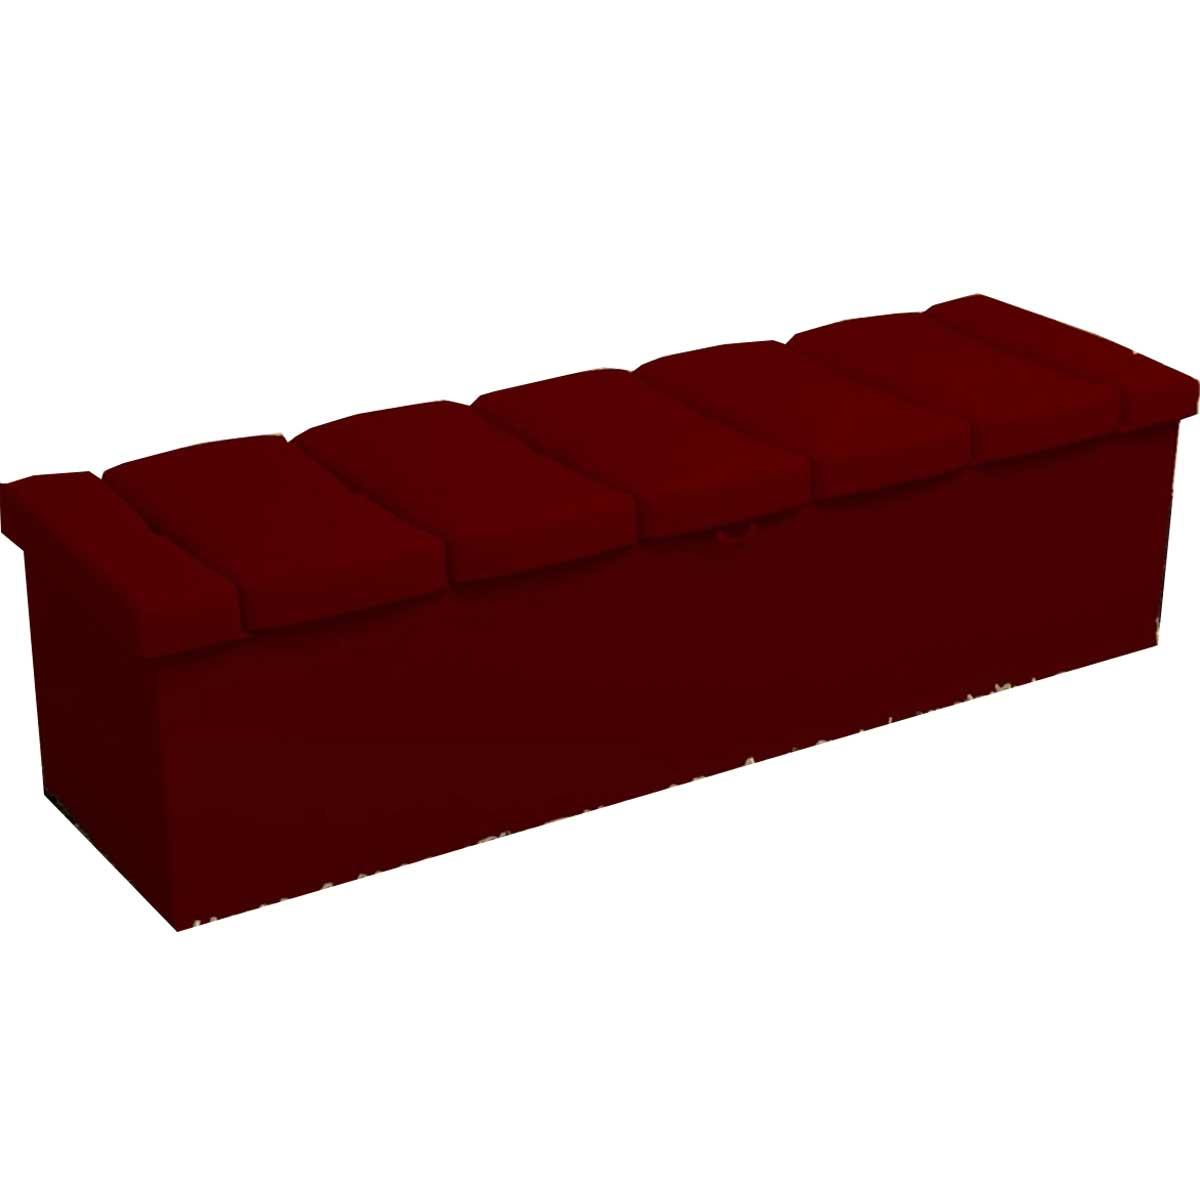 Calçadeira com Baú Estofada Kiara 90 cm Suede Vermelho